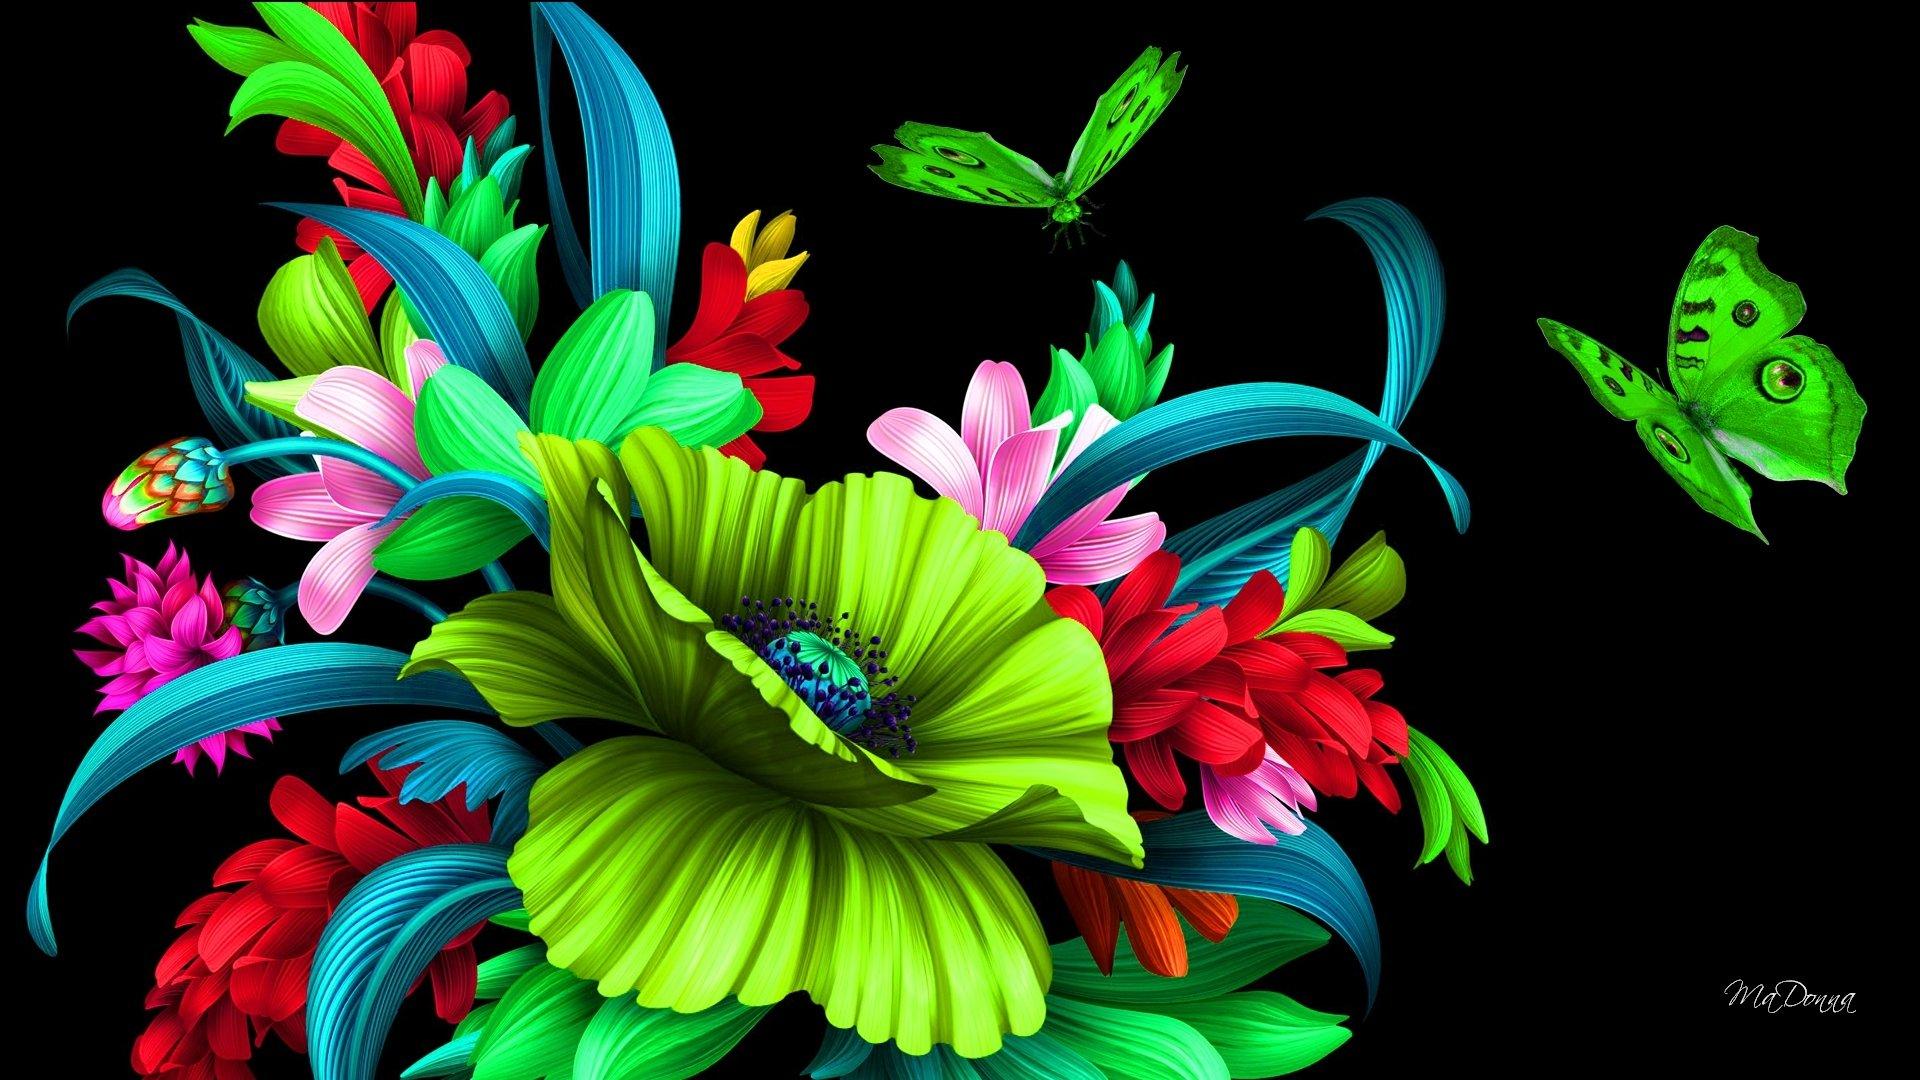 Bright Flowers and Butterflies HD Wallpaper   Background ...3d Neon Butterflies